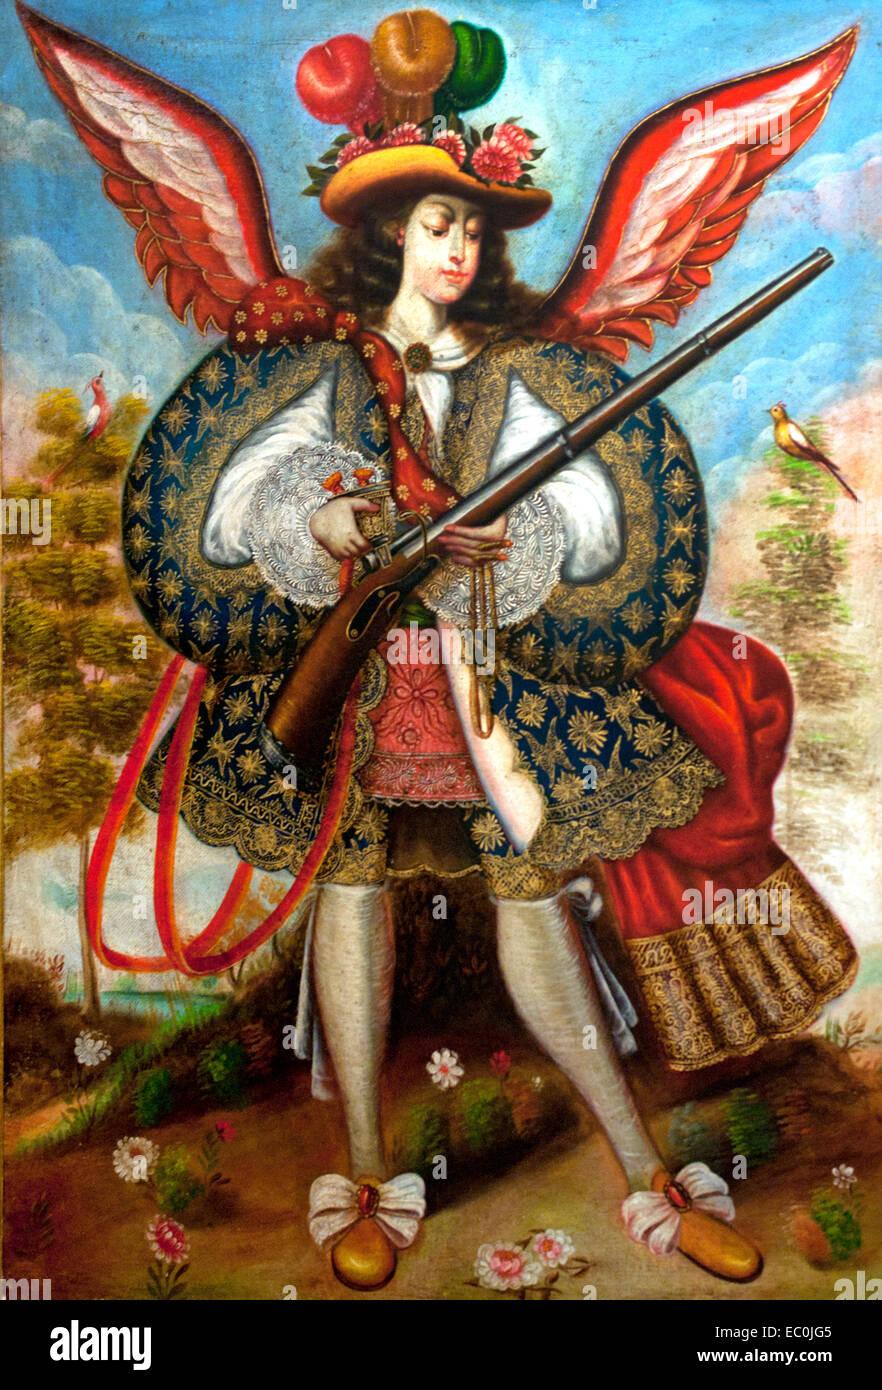 Copias Escuela Cuzqueña - copies Cuzco School - Cuzco School 18th Century  Spain Spanish ( An ángel arcabucero - Stock Image